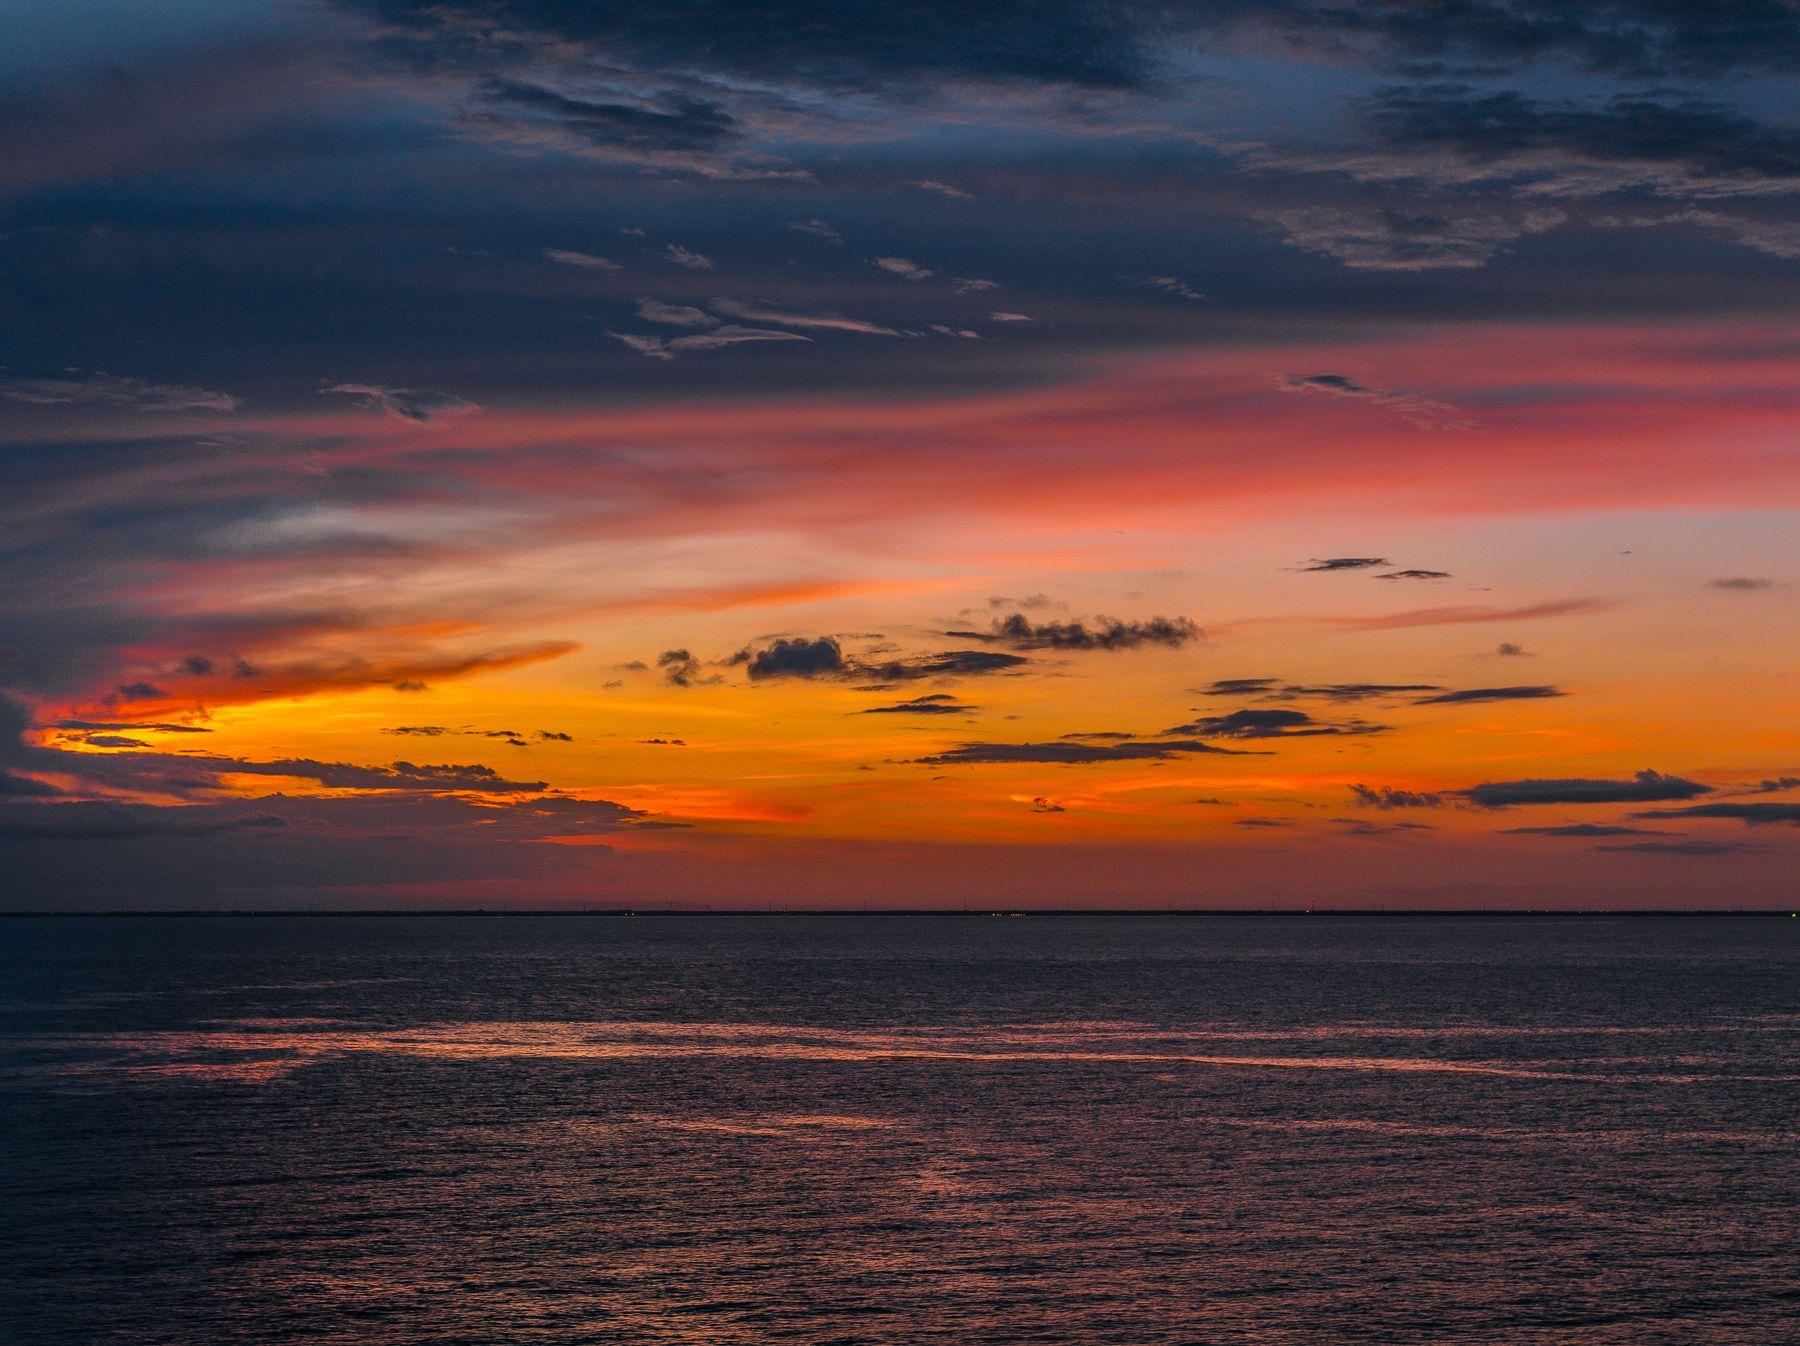 Красочный закат в океане/Sunset in the ocean